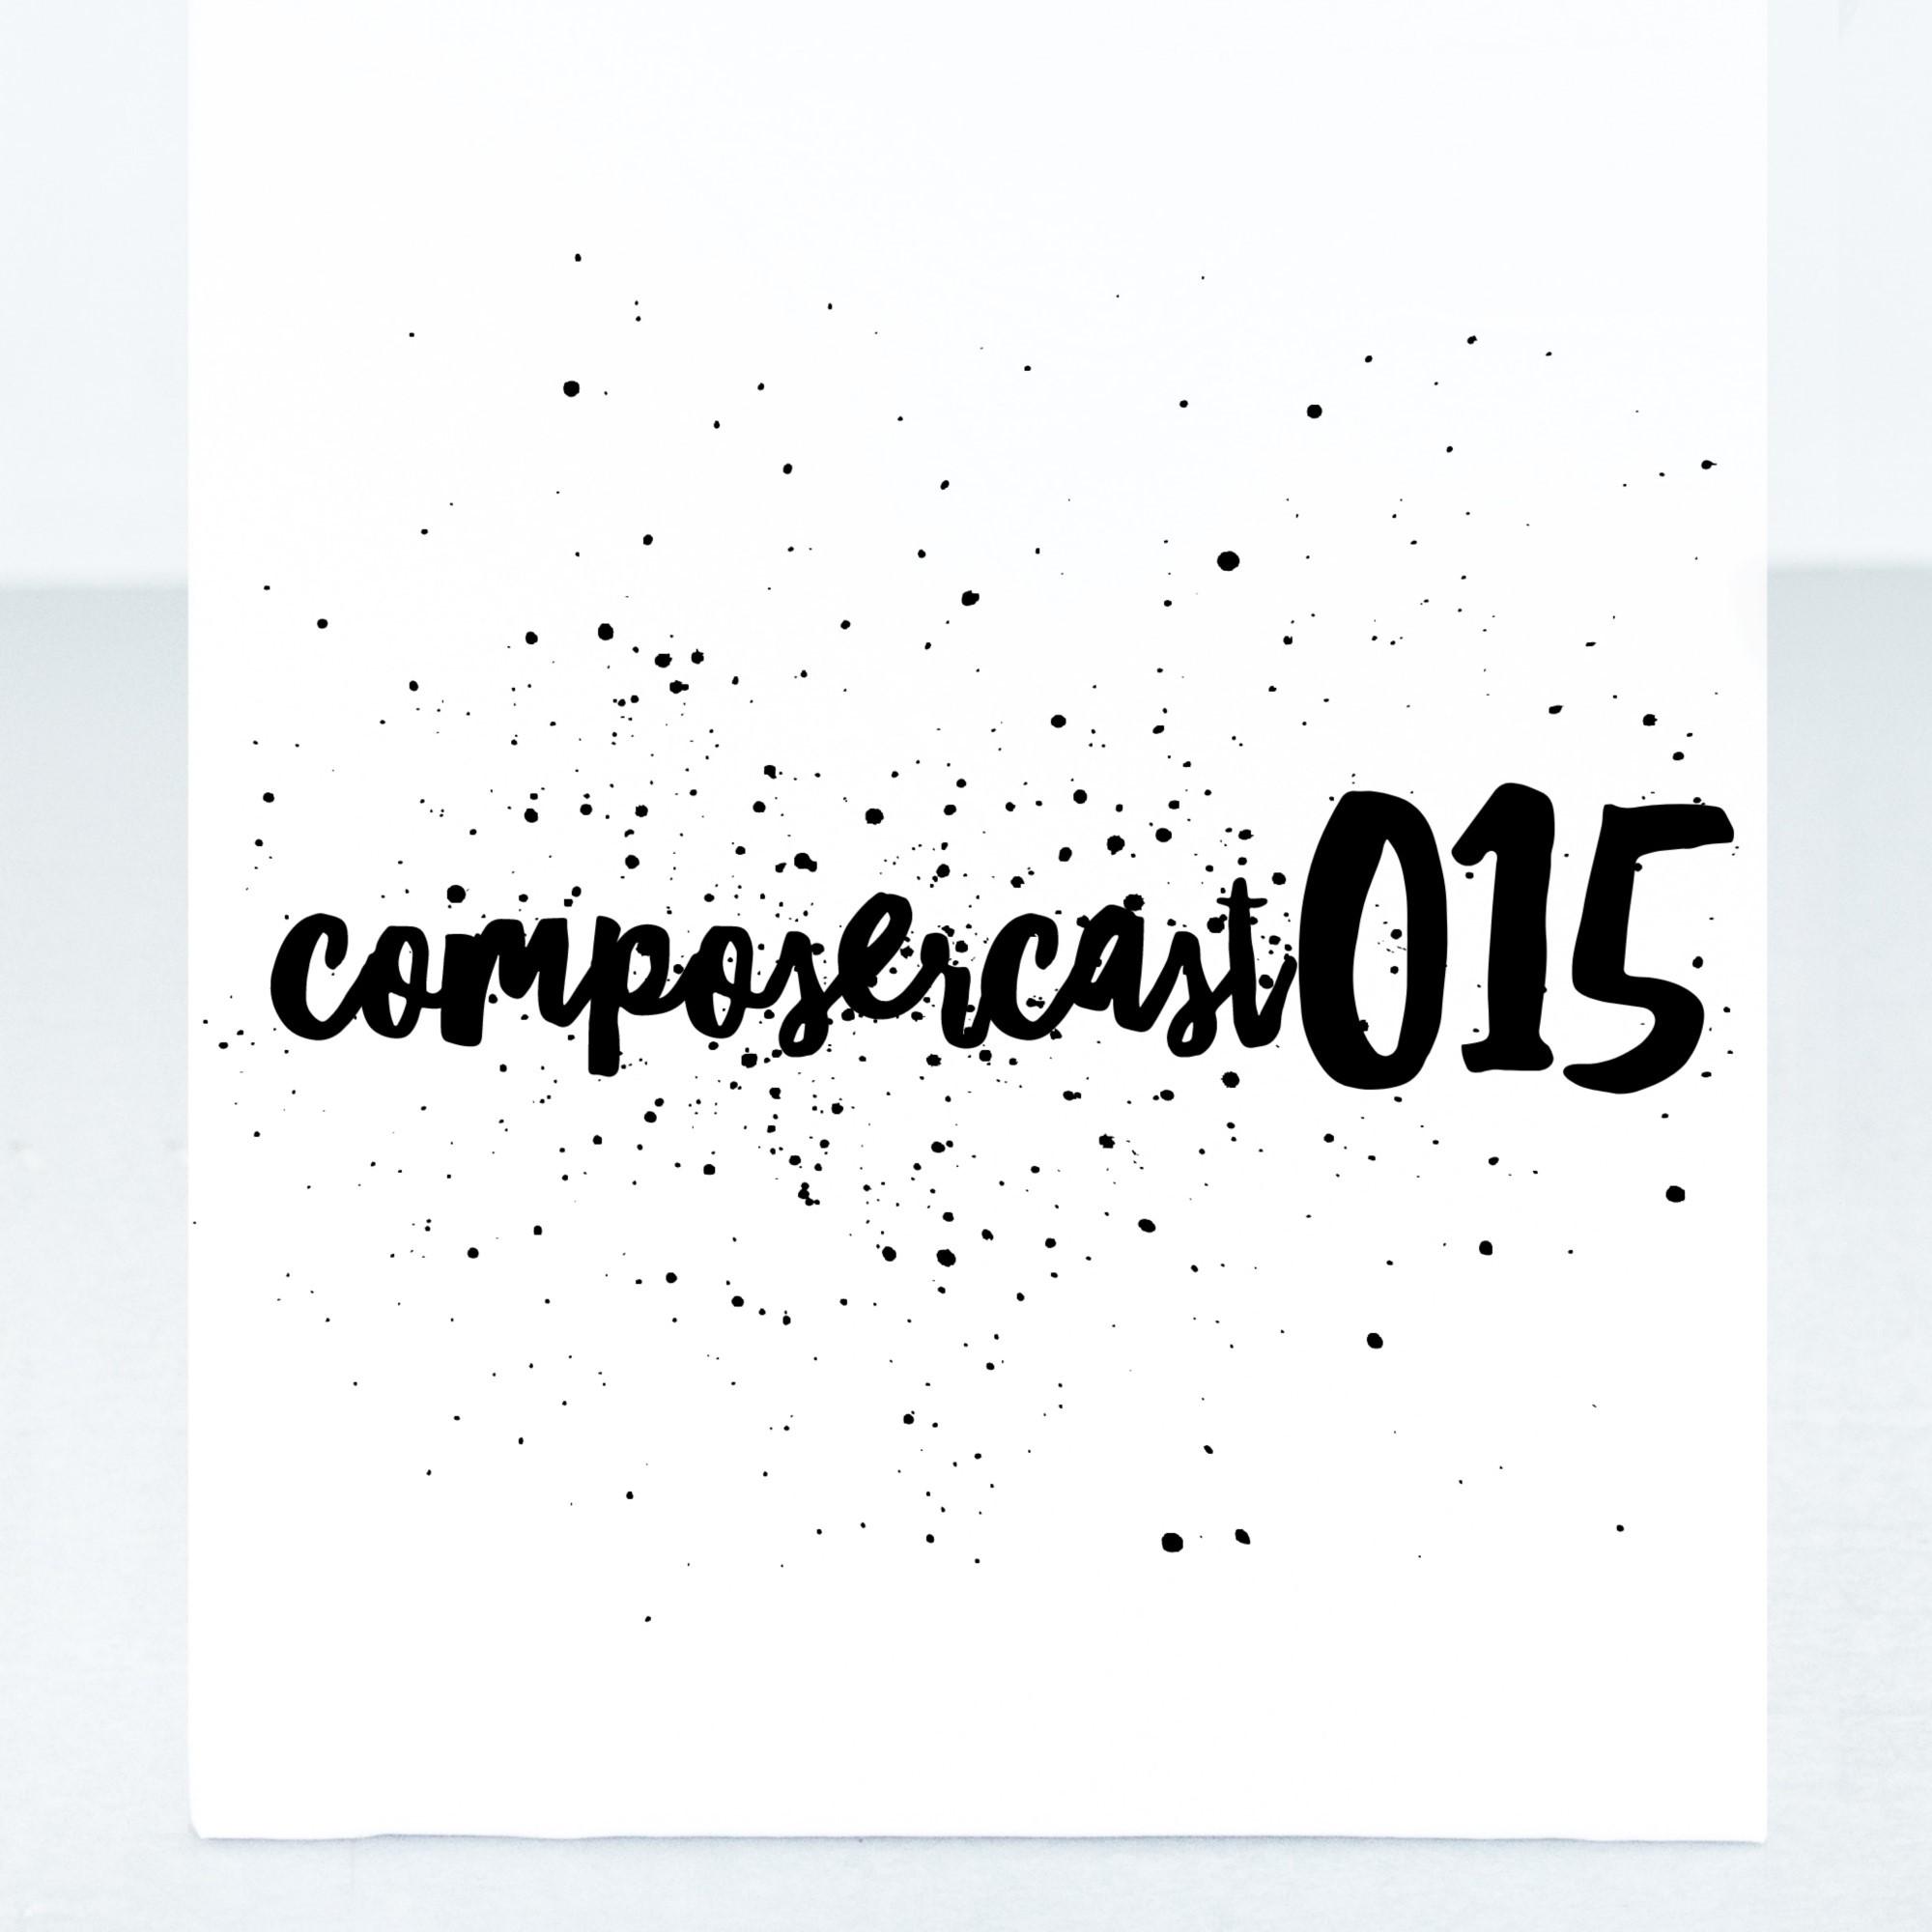 composercast015-small